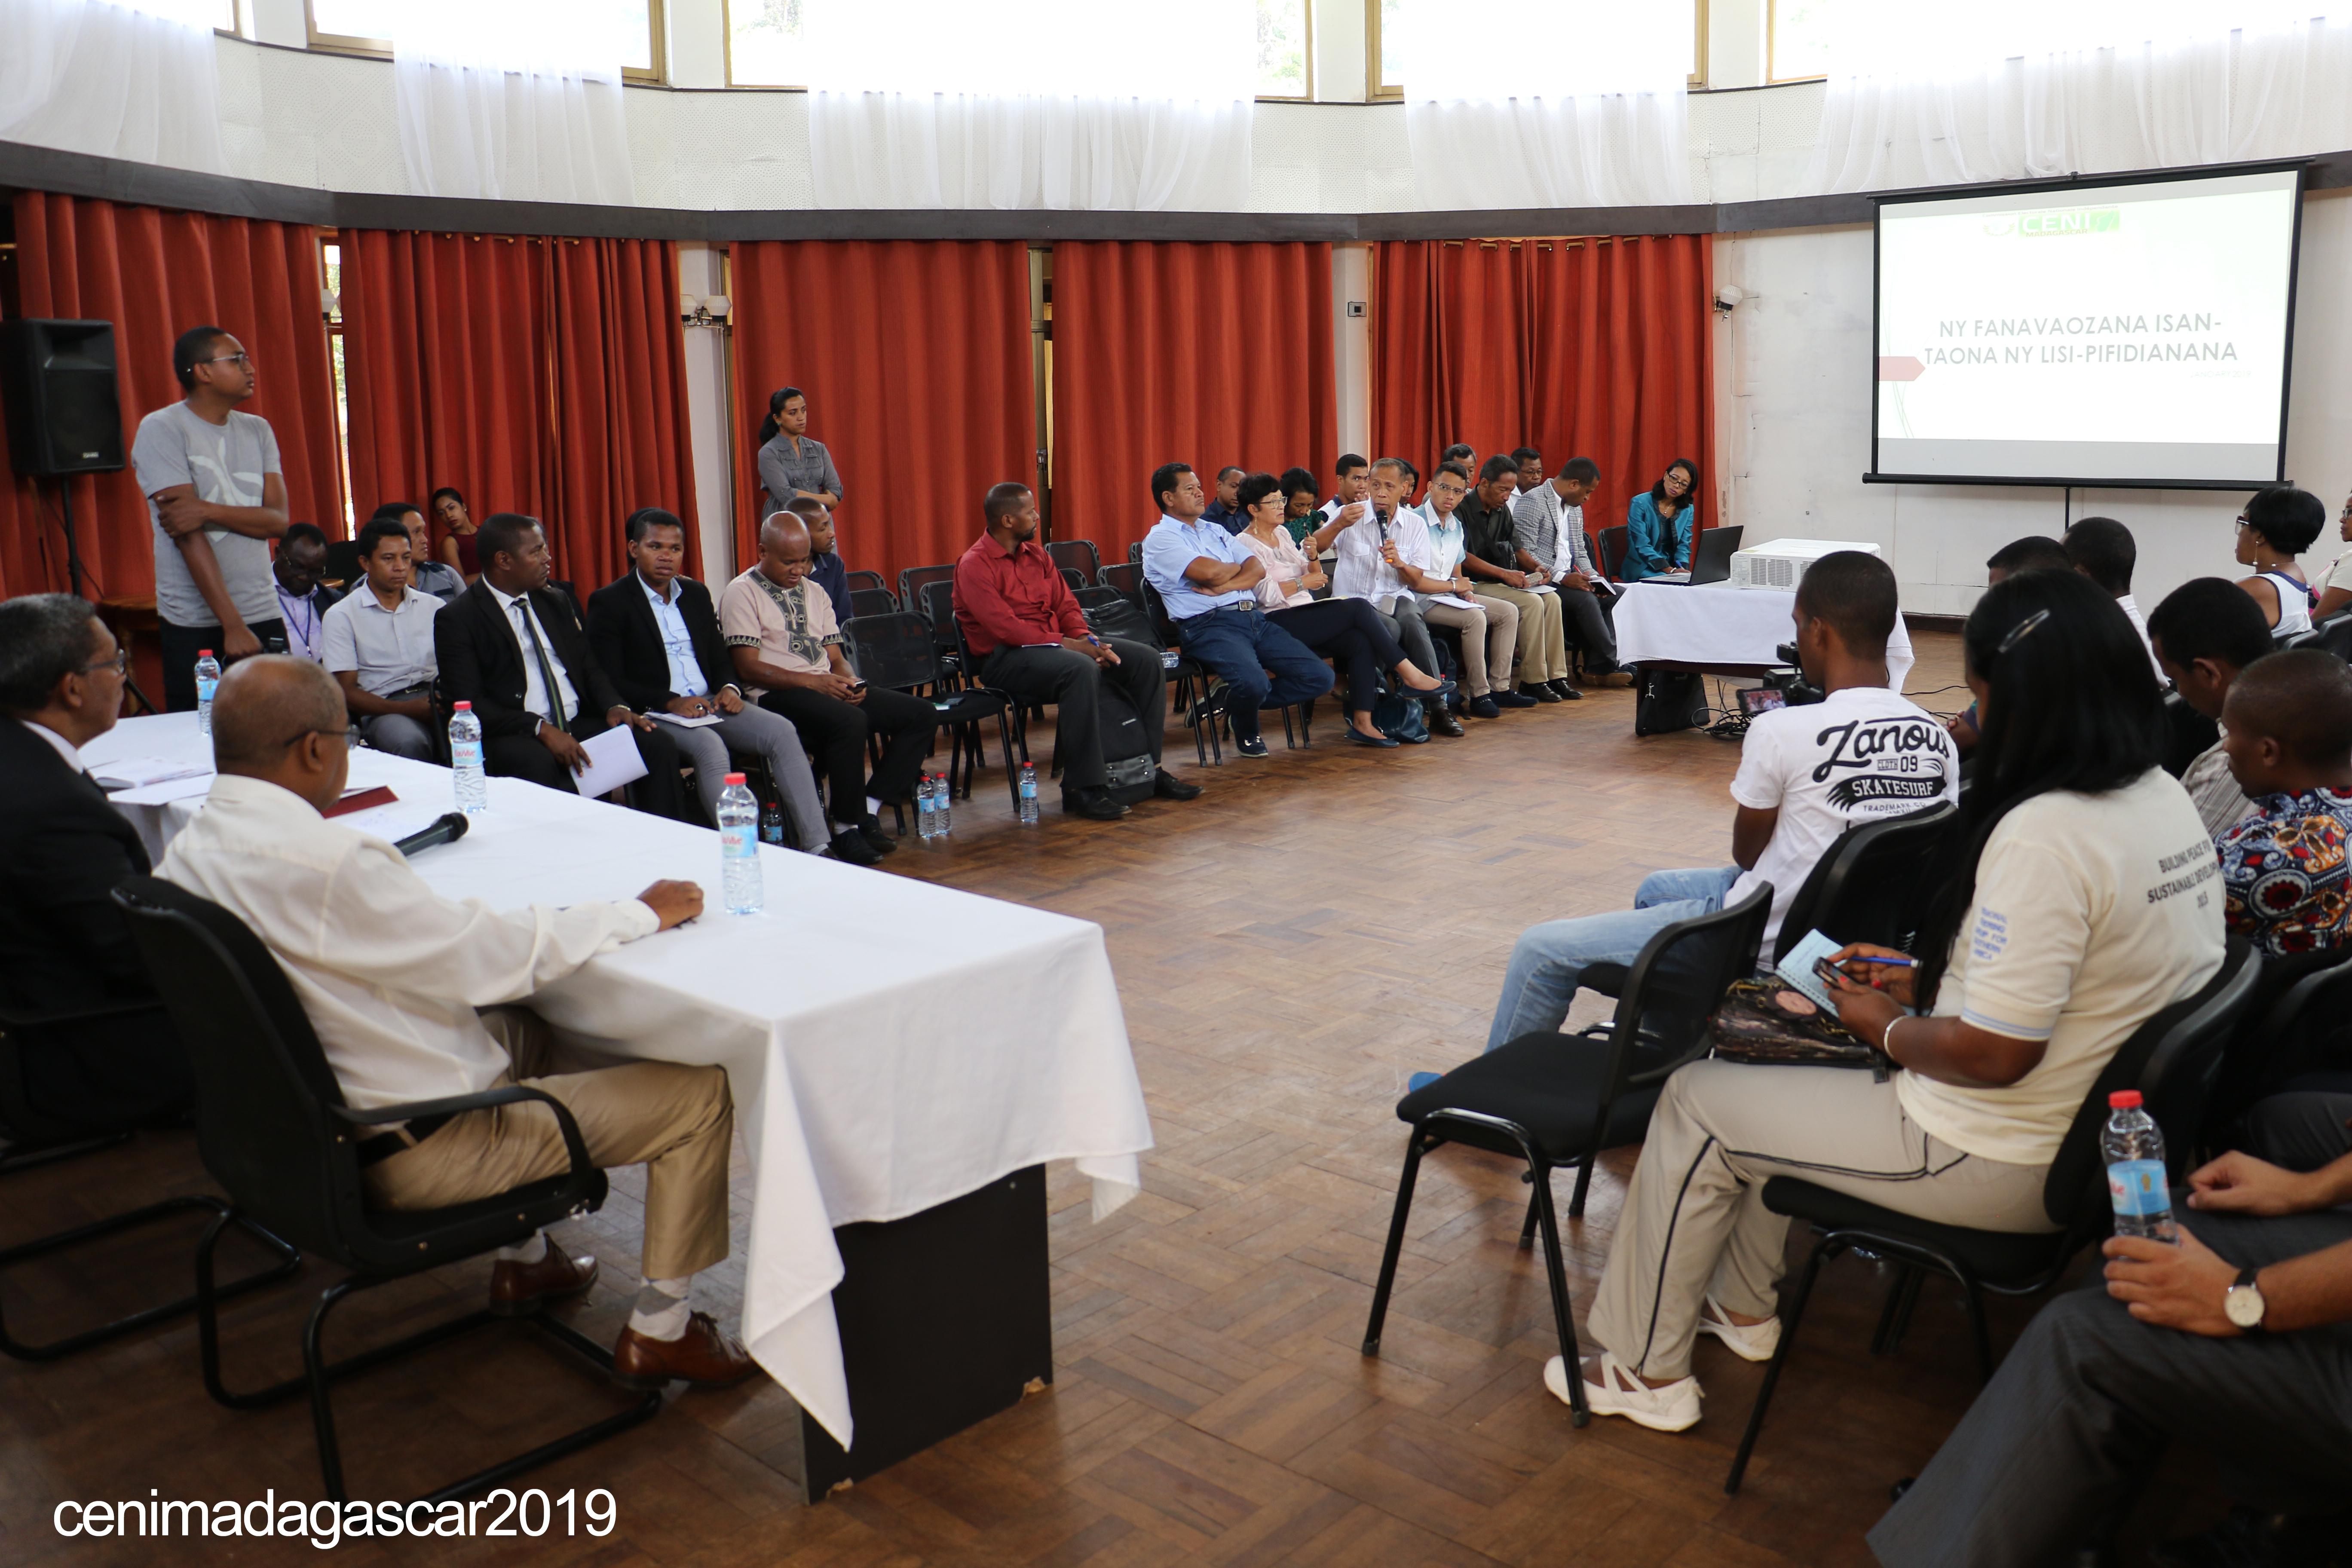 Cadre de concertation multi-acteurs sur la révision de la liste électorale